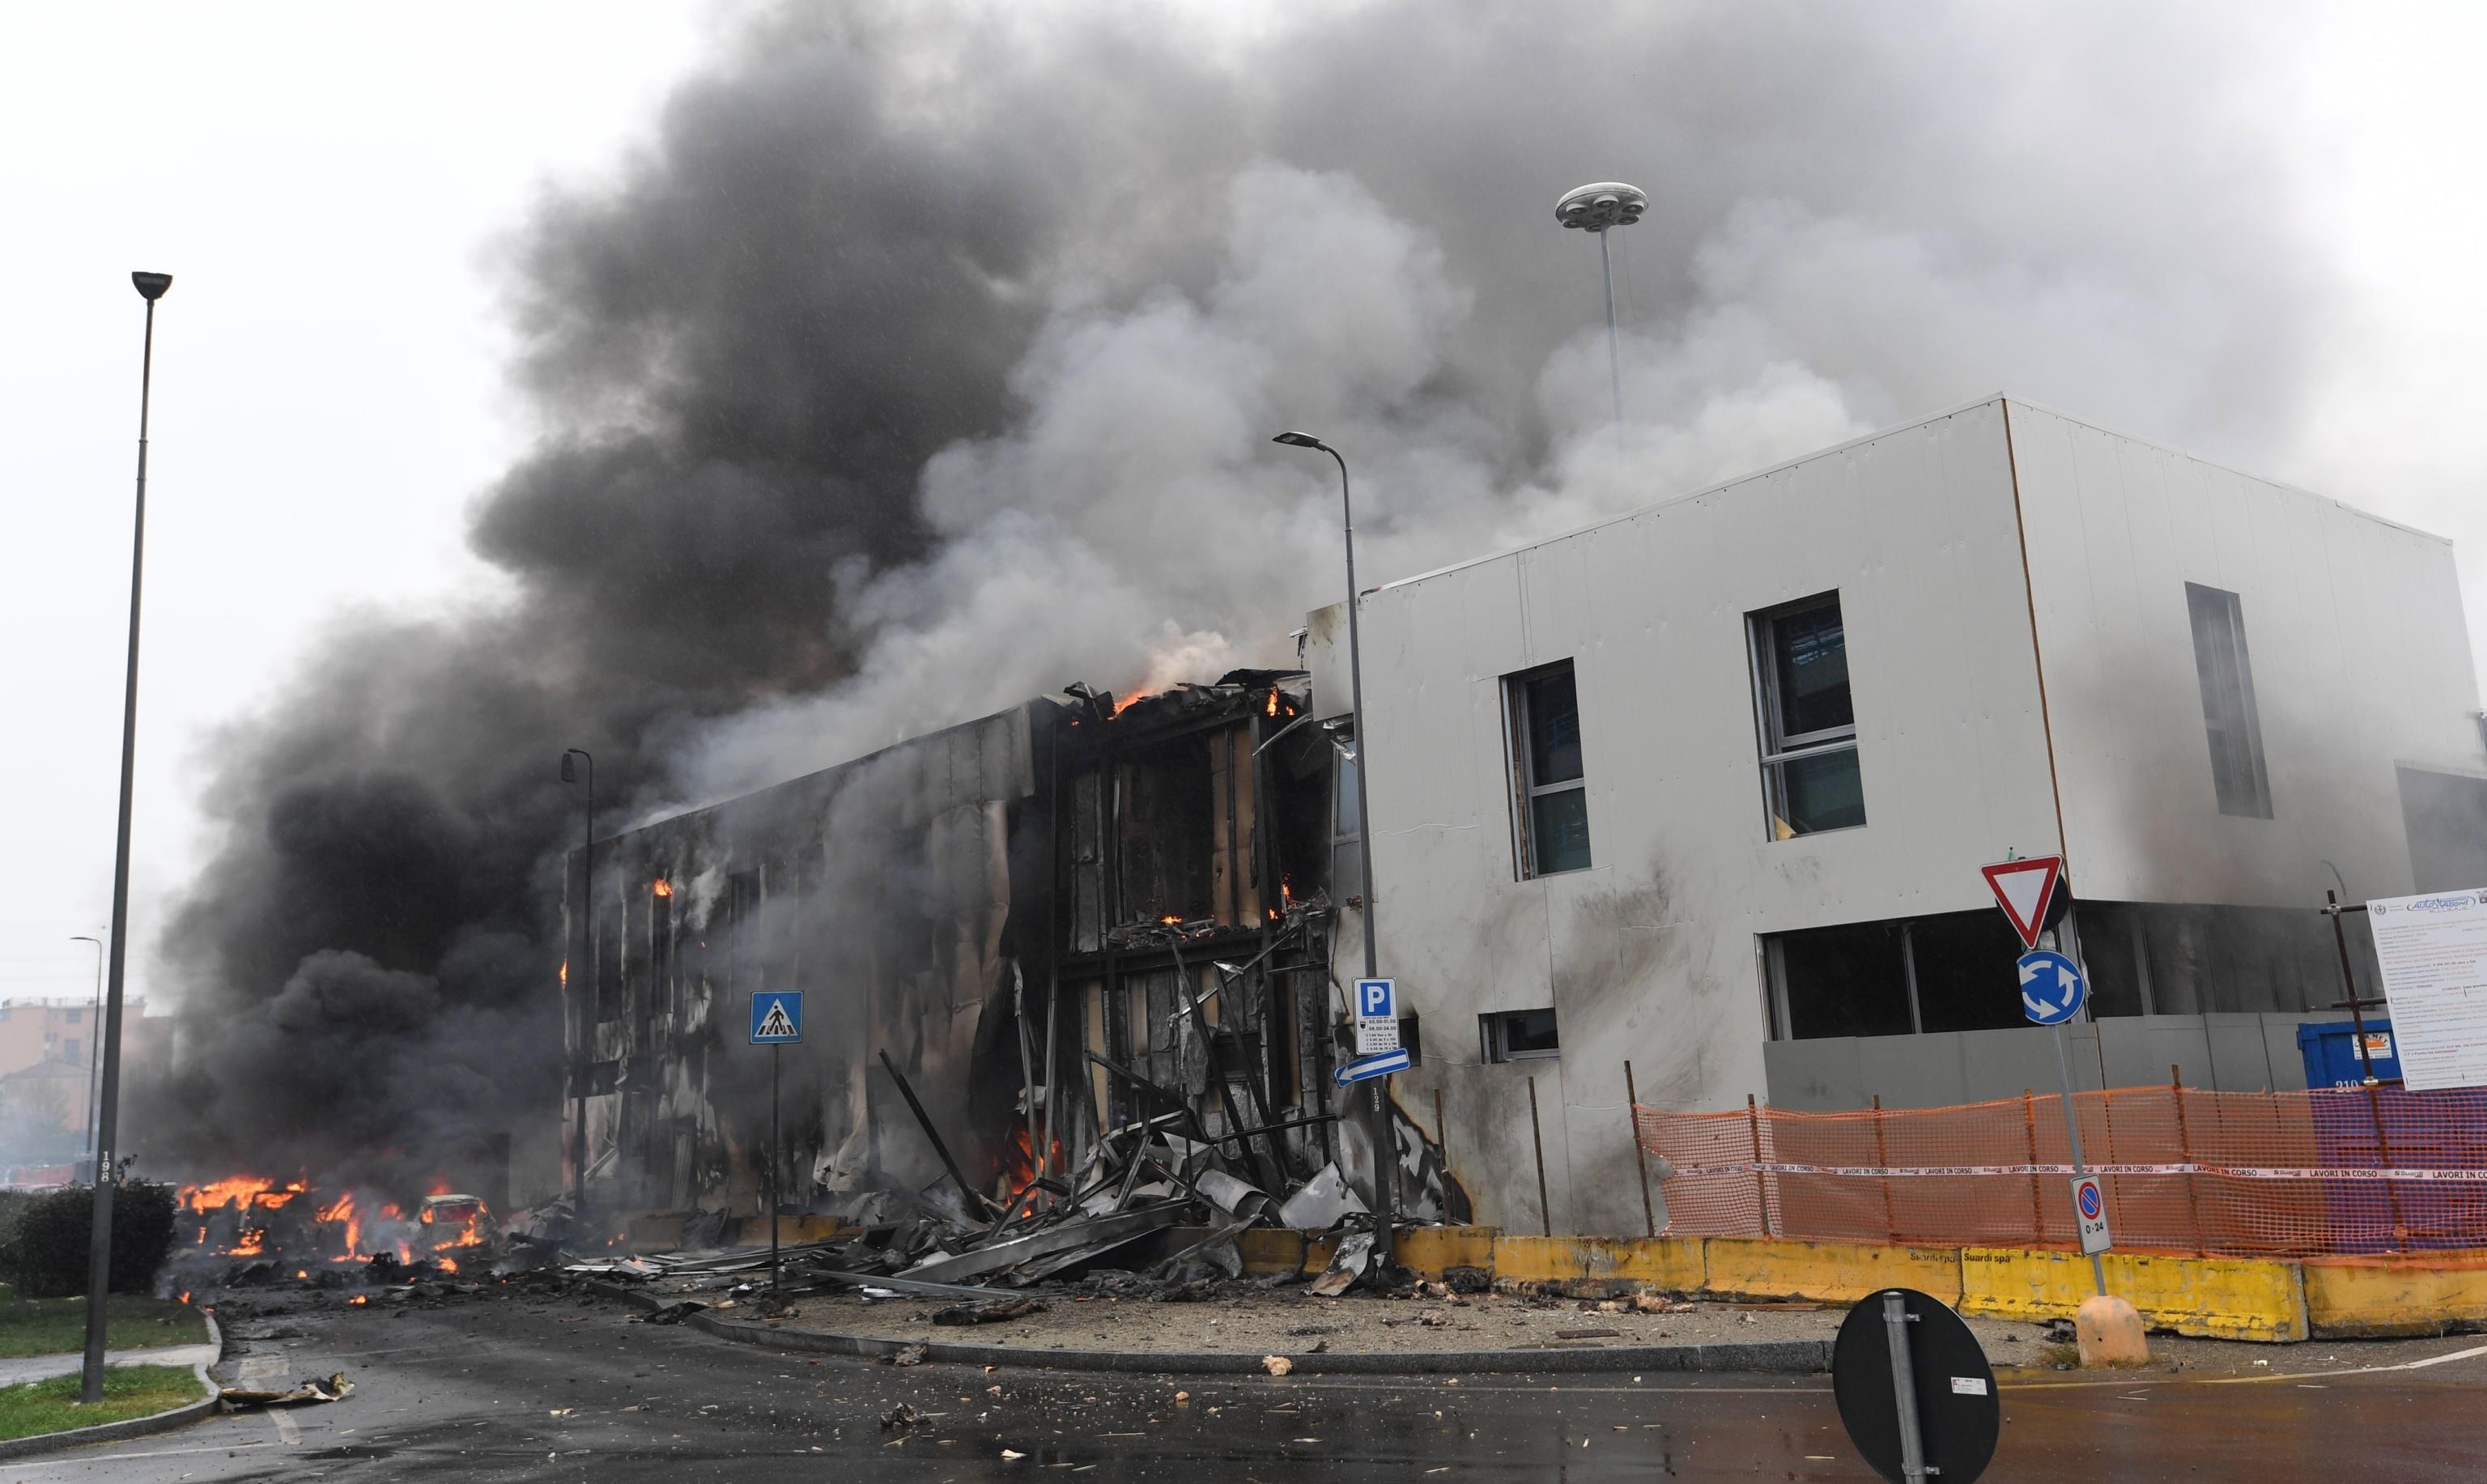 Italia: al menos ocho fallecidos deja el impacto de un avión privado contra un edificio